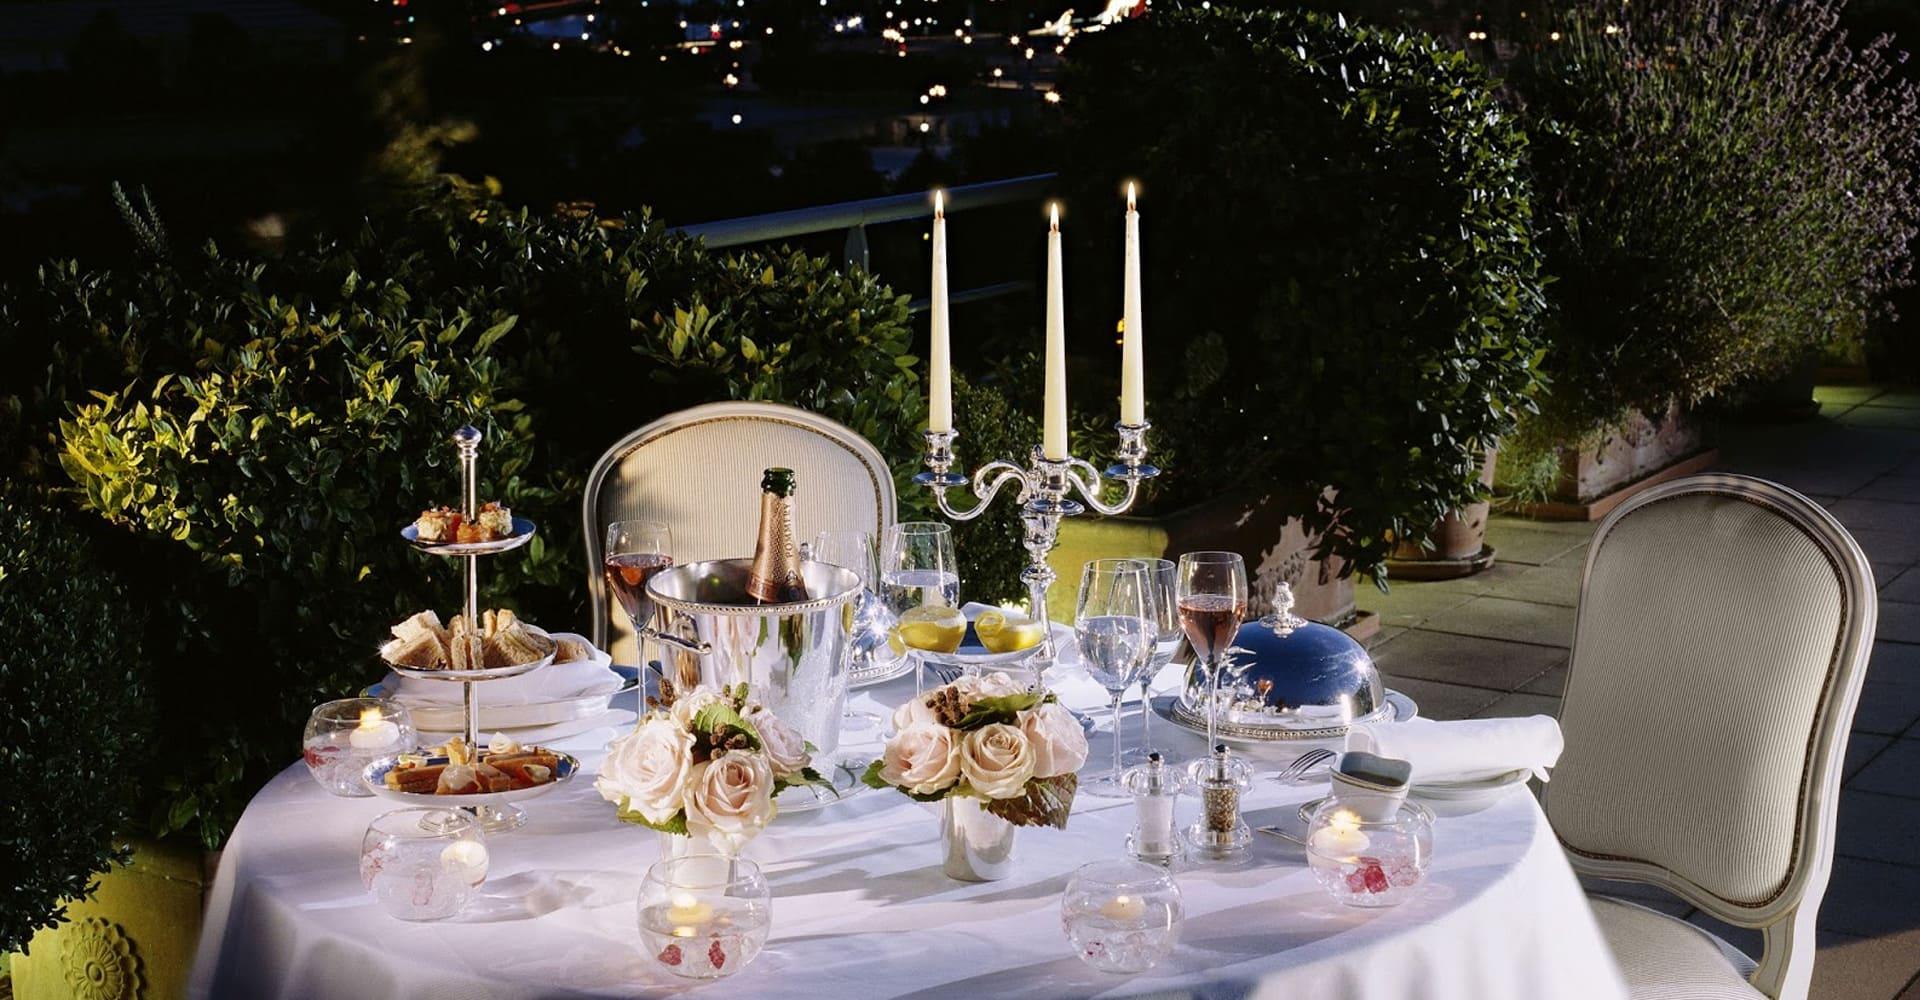 Tavola apparecchiata per liste nozze a Reggio Calabria